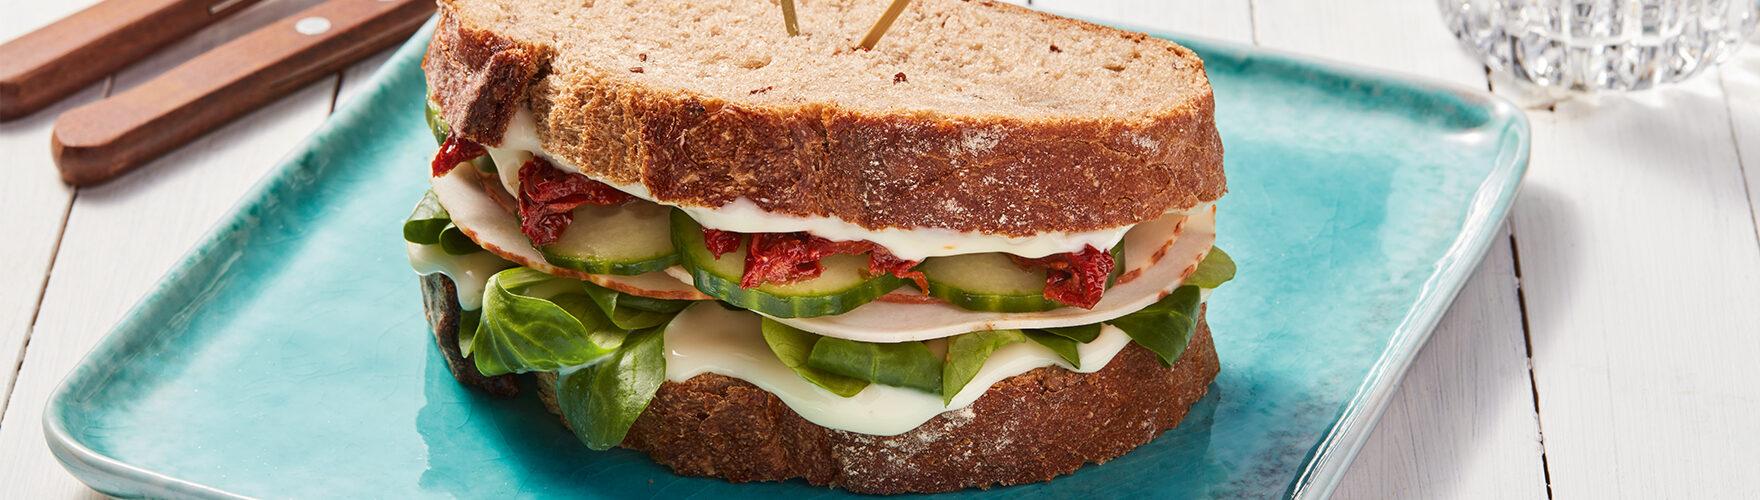 Frisches Bauernbrot-Sandwich mit Räucherhähnchen